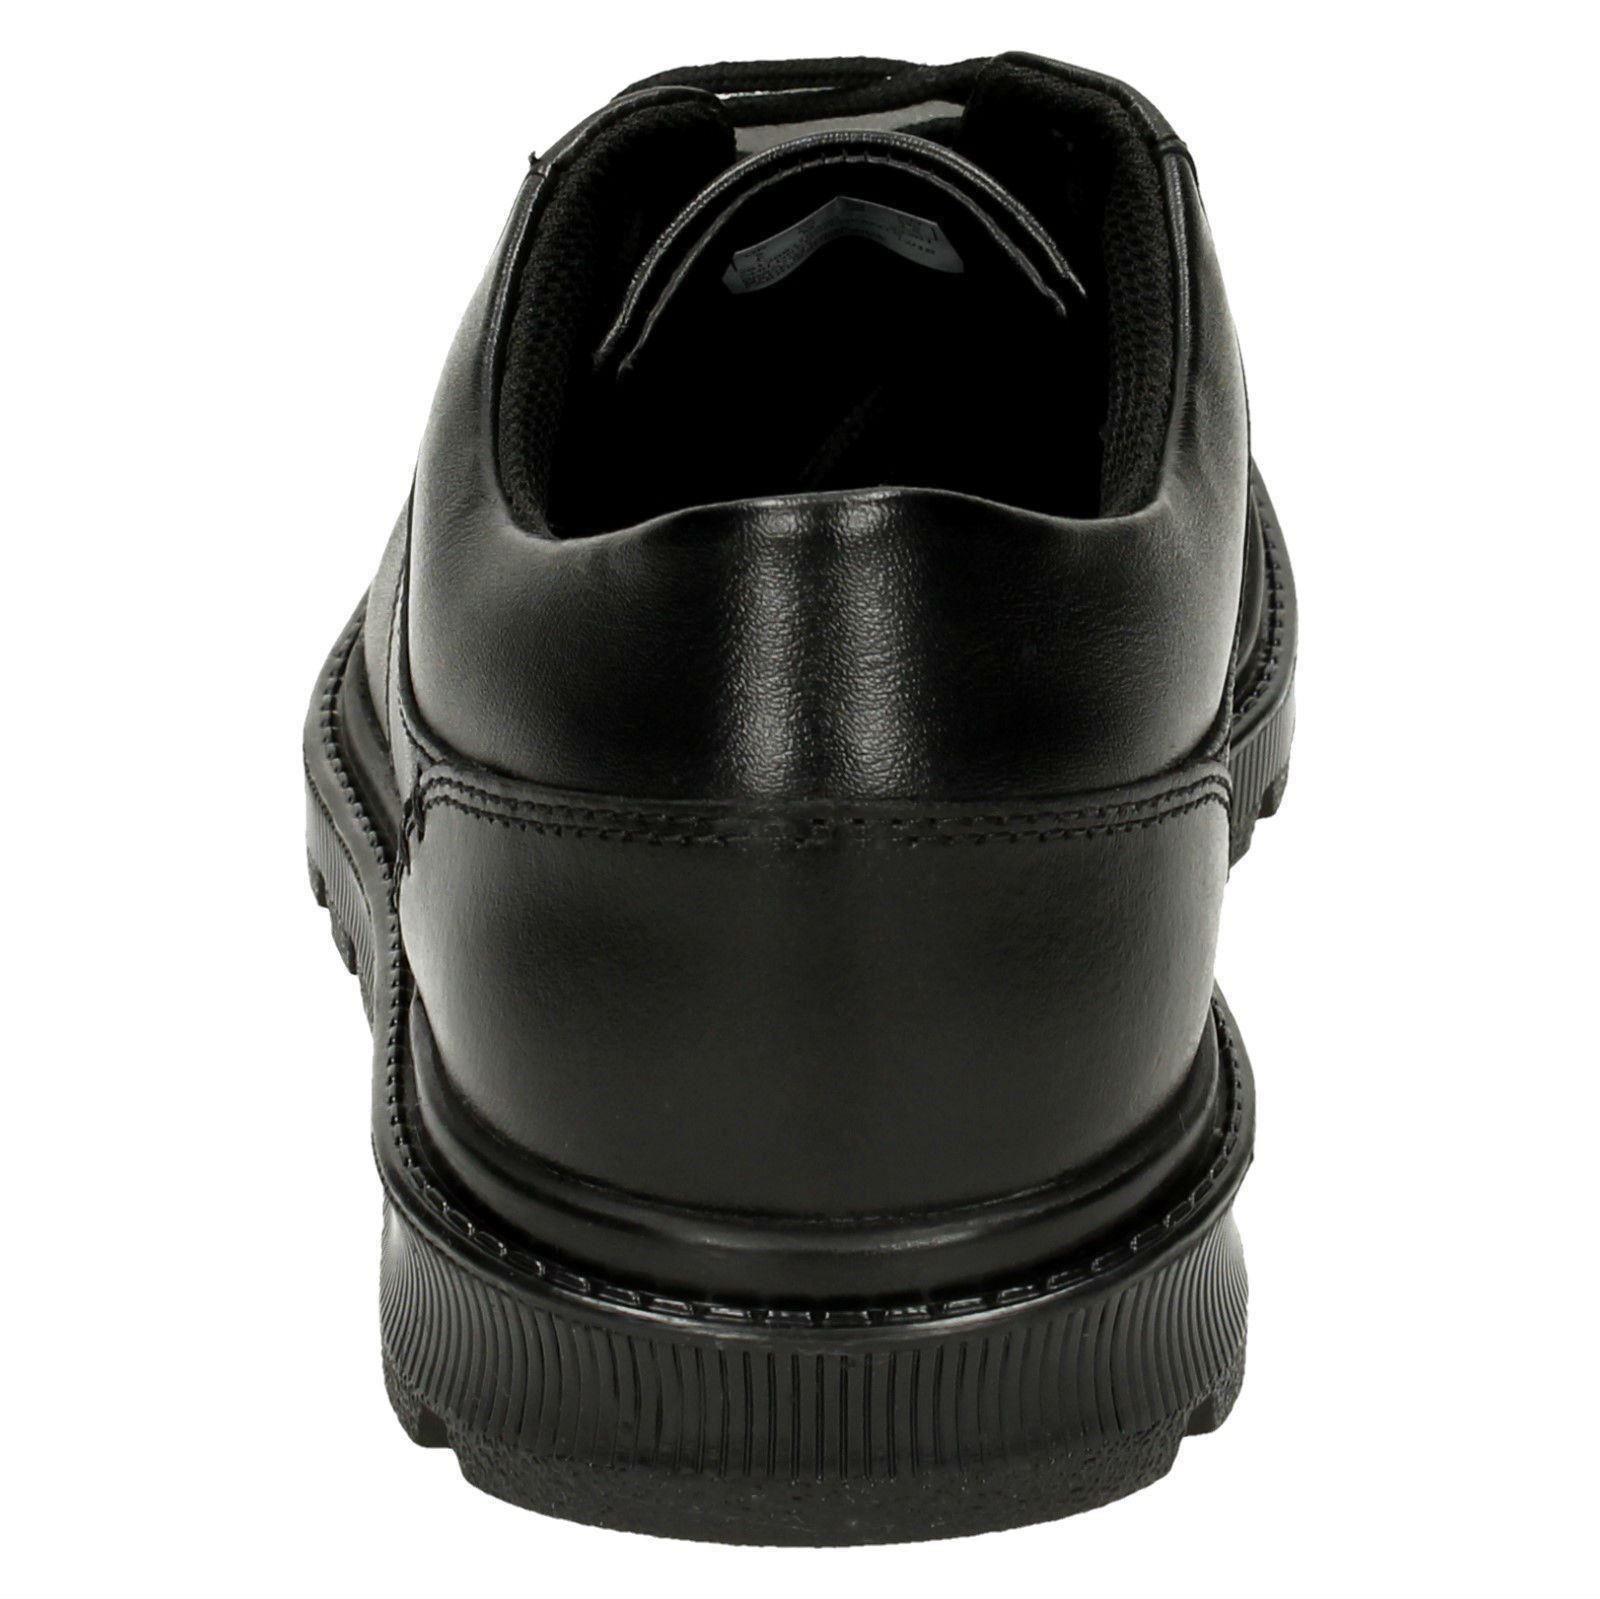 cuero informal Chicos de Bootleg Trek cordones punta Clarks Mayes con de negro la redonda zapatos escuela wqIq8r